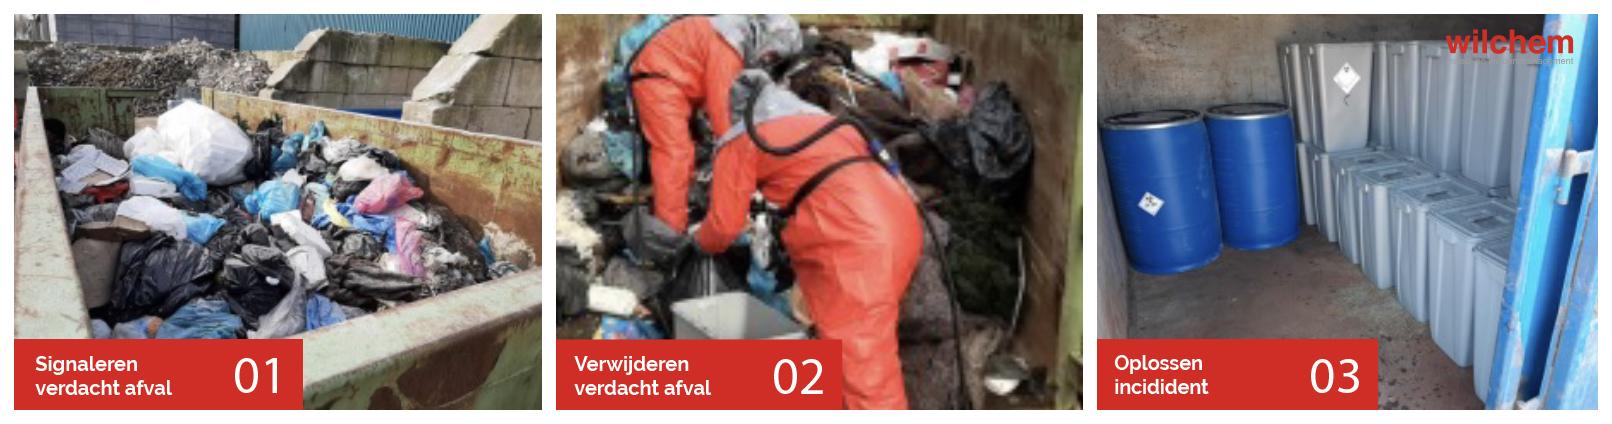 Verdacht afval verpakken? Wilchem staat voor je klaar